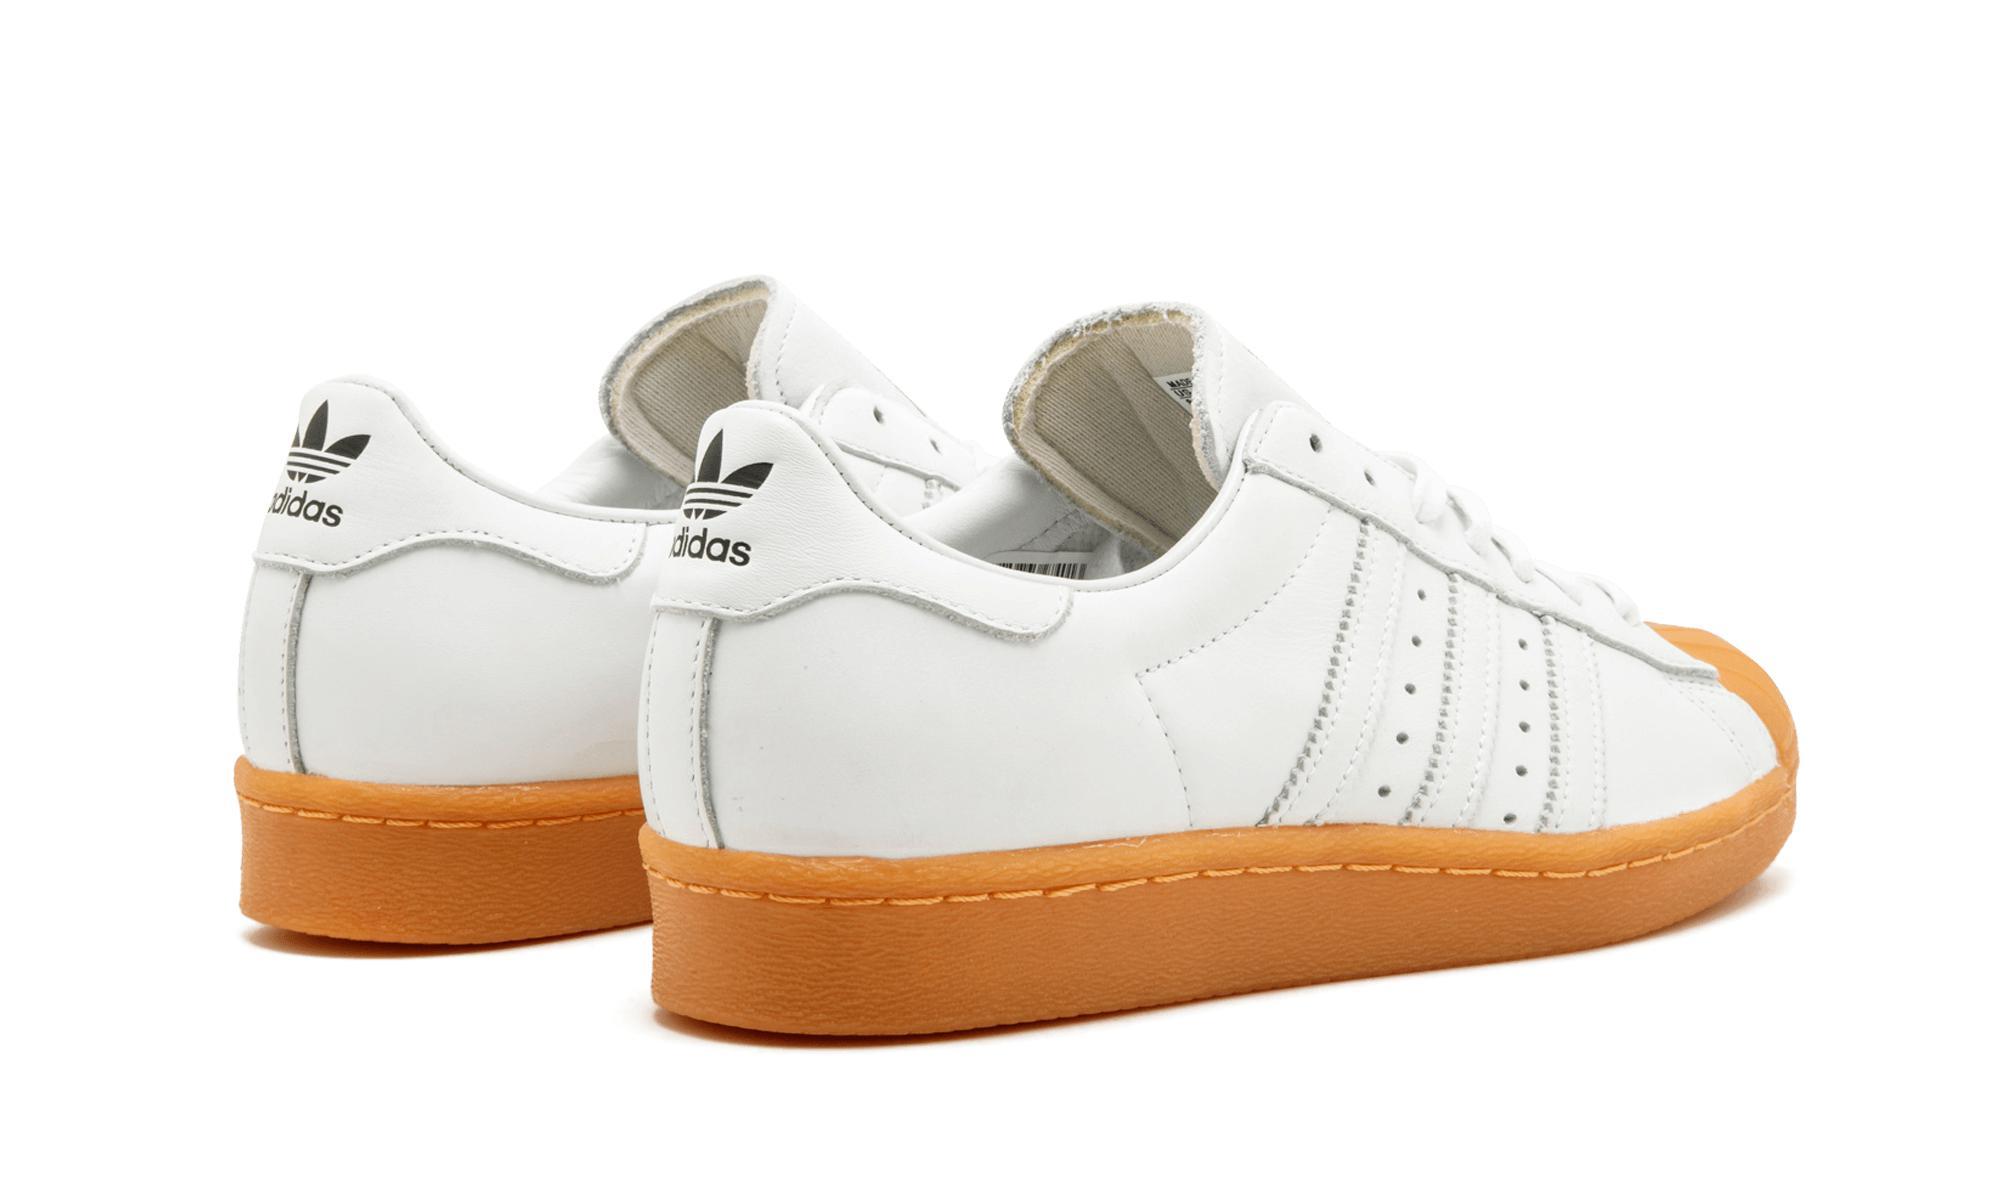 Lyst adidas superstar degli anni '80 - in bianco per gli uomini.